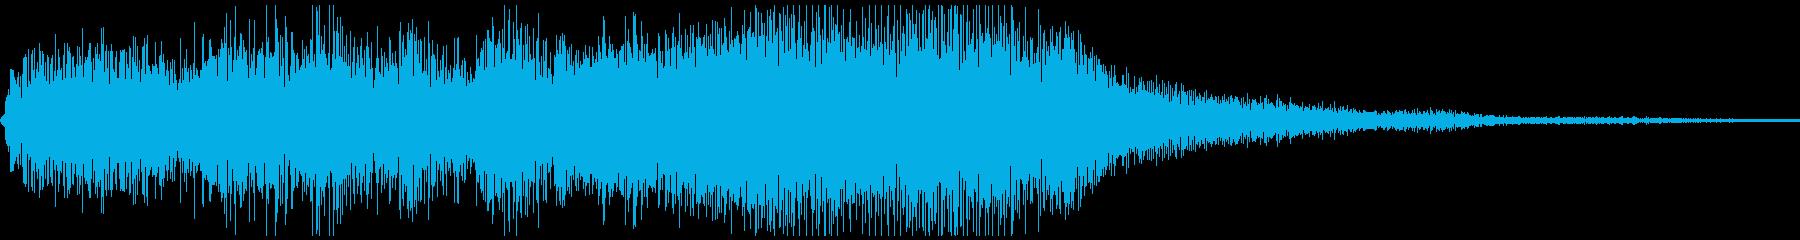 レベルアップ!のファンファーレの再生済みの波形